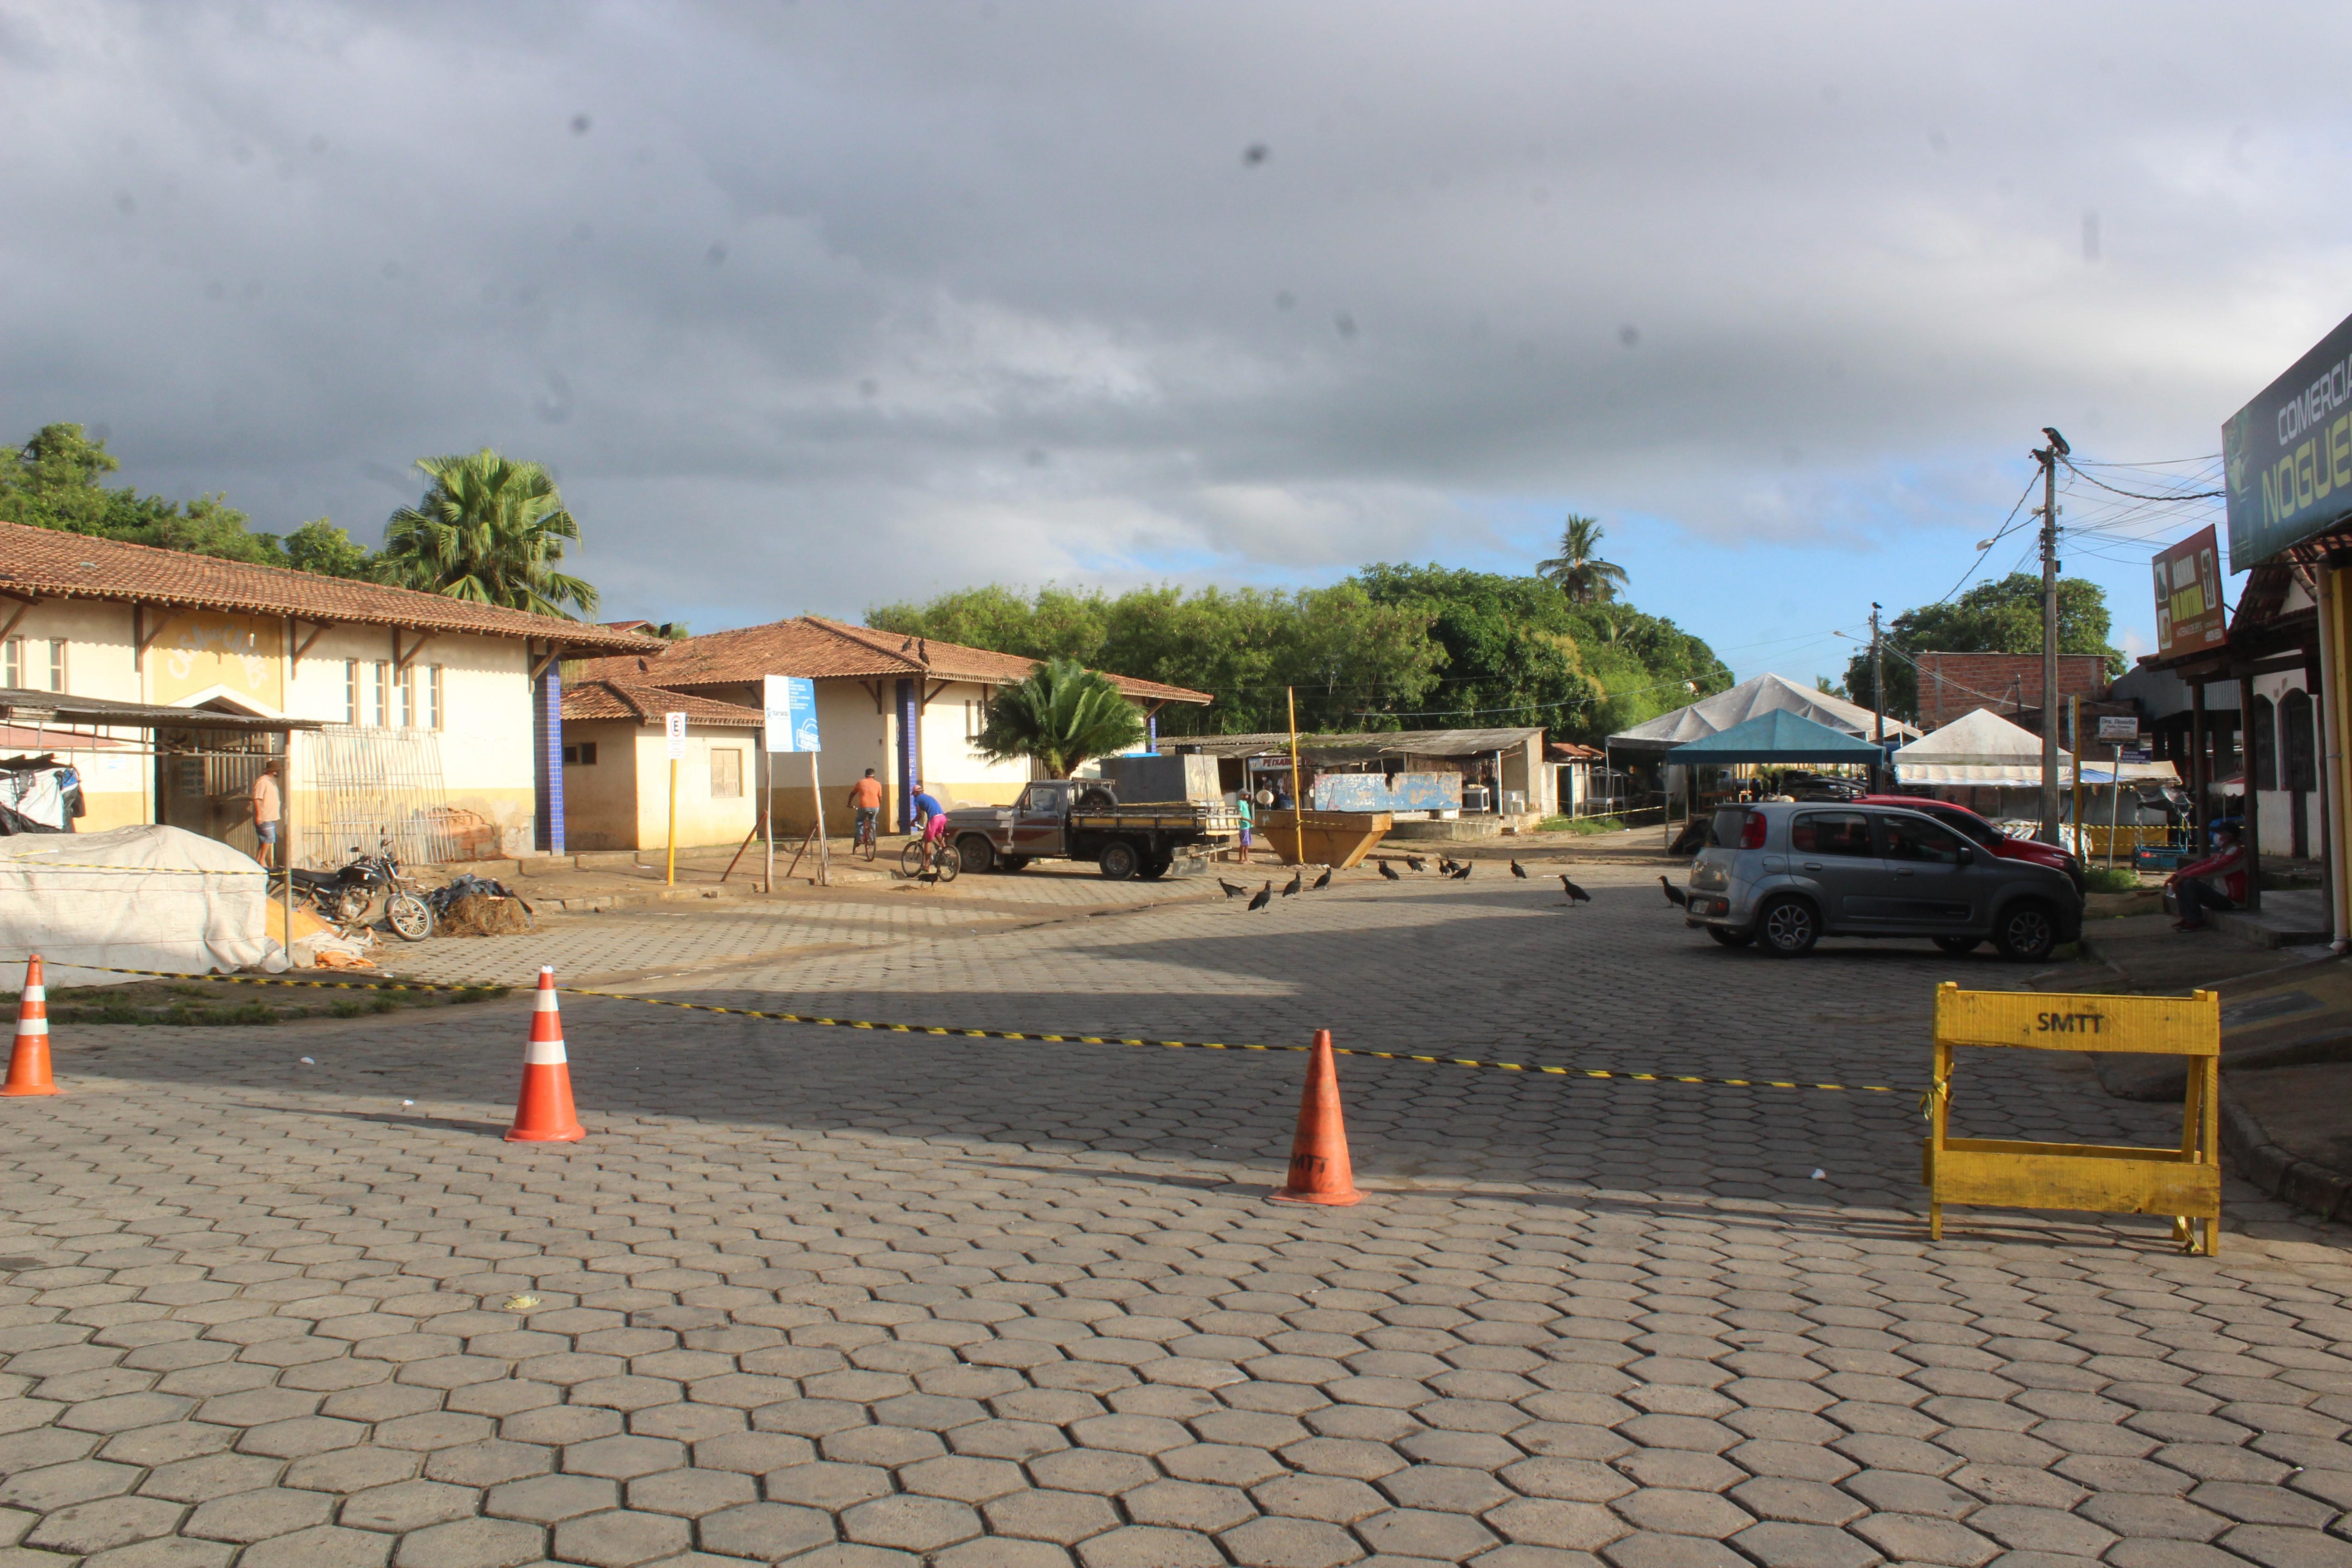 Feiras livres de Itamaraju tem atividades suspensas por força de decreto municipal